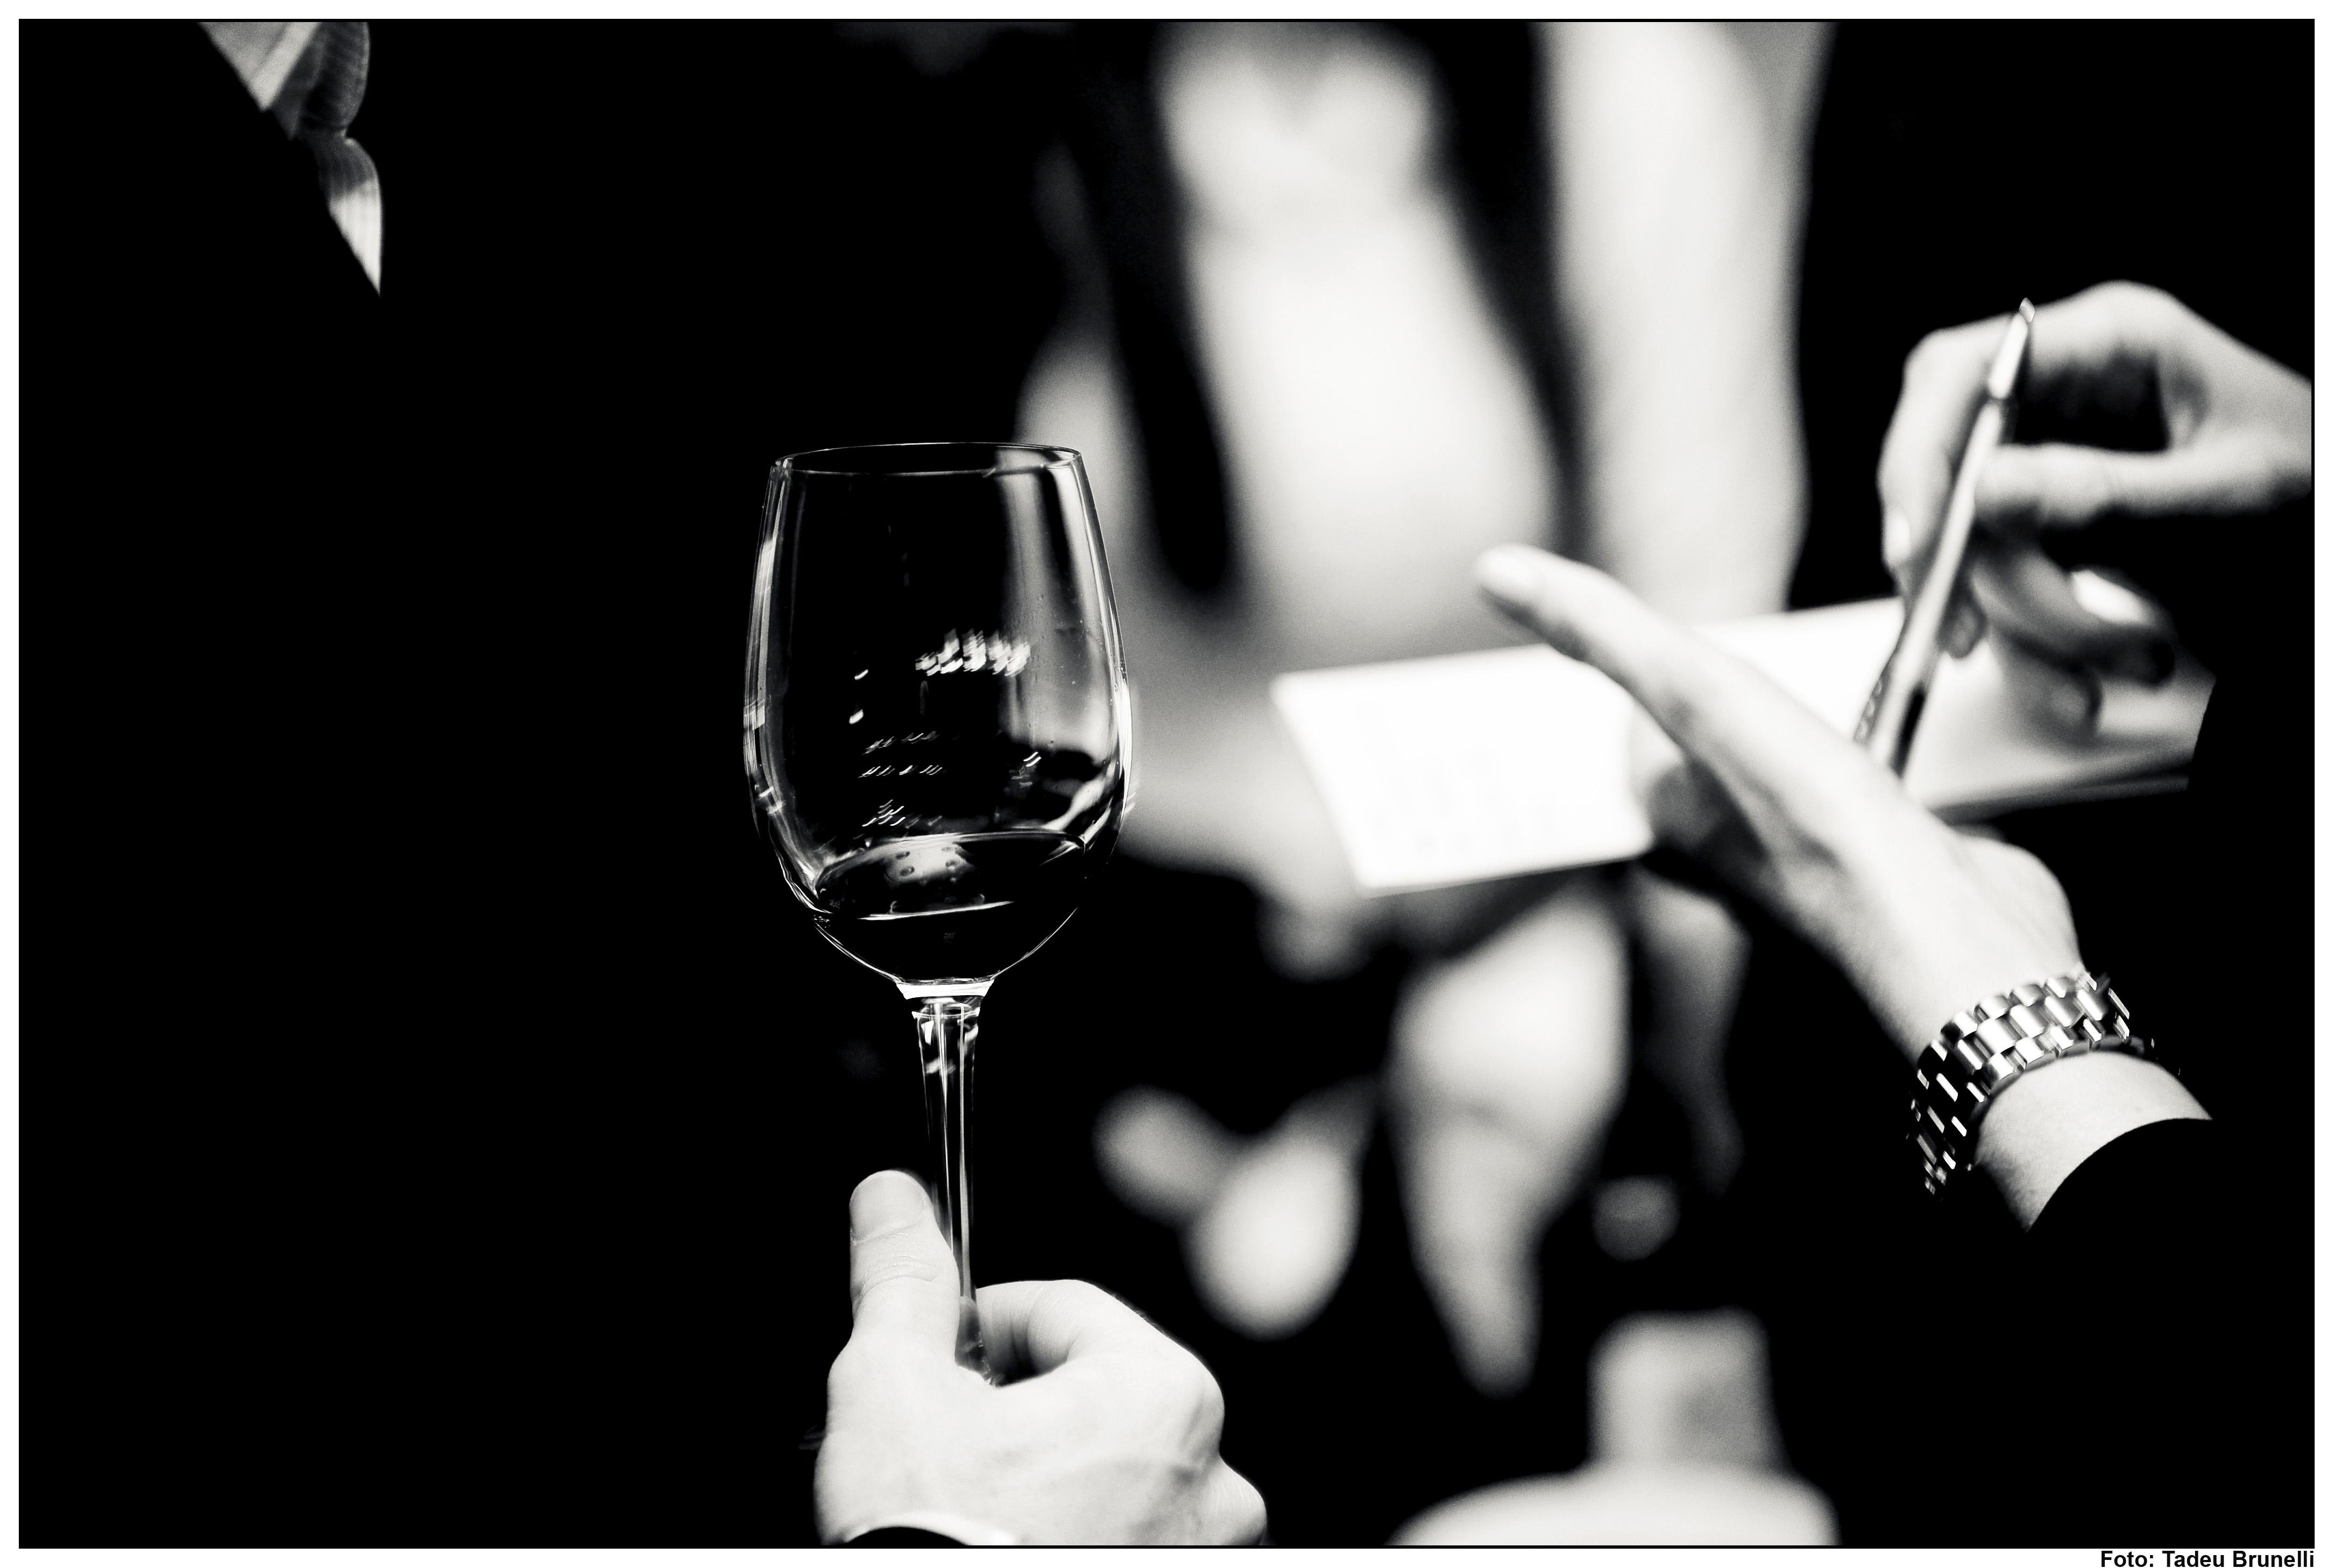 Hyatt Wine Club – Vinhos da França III!